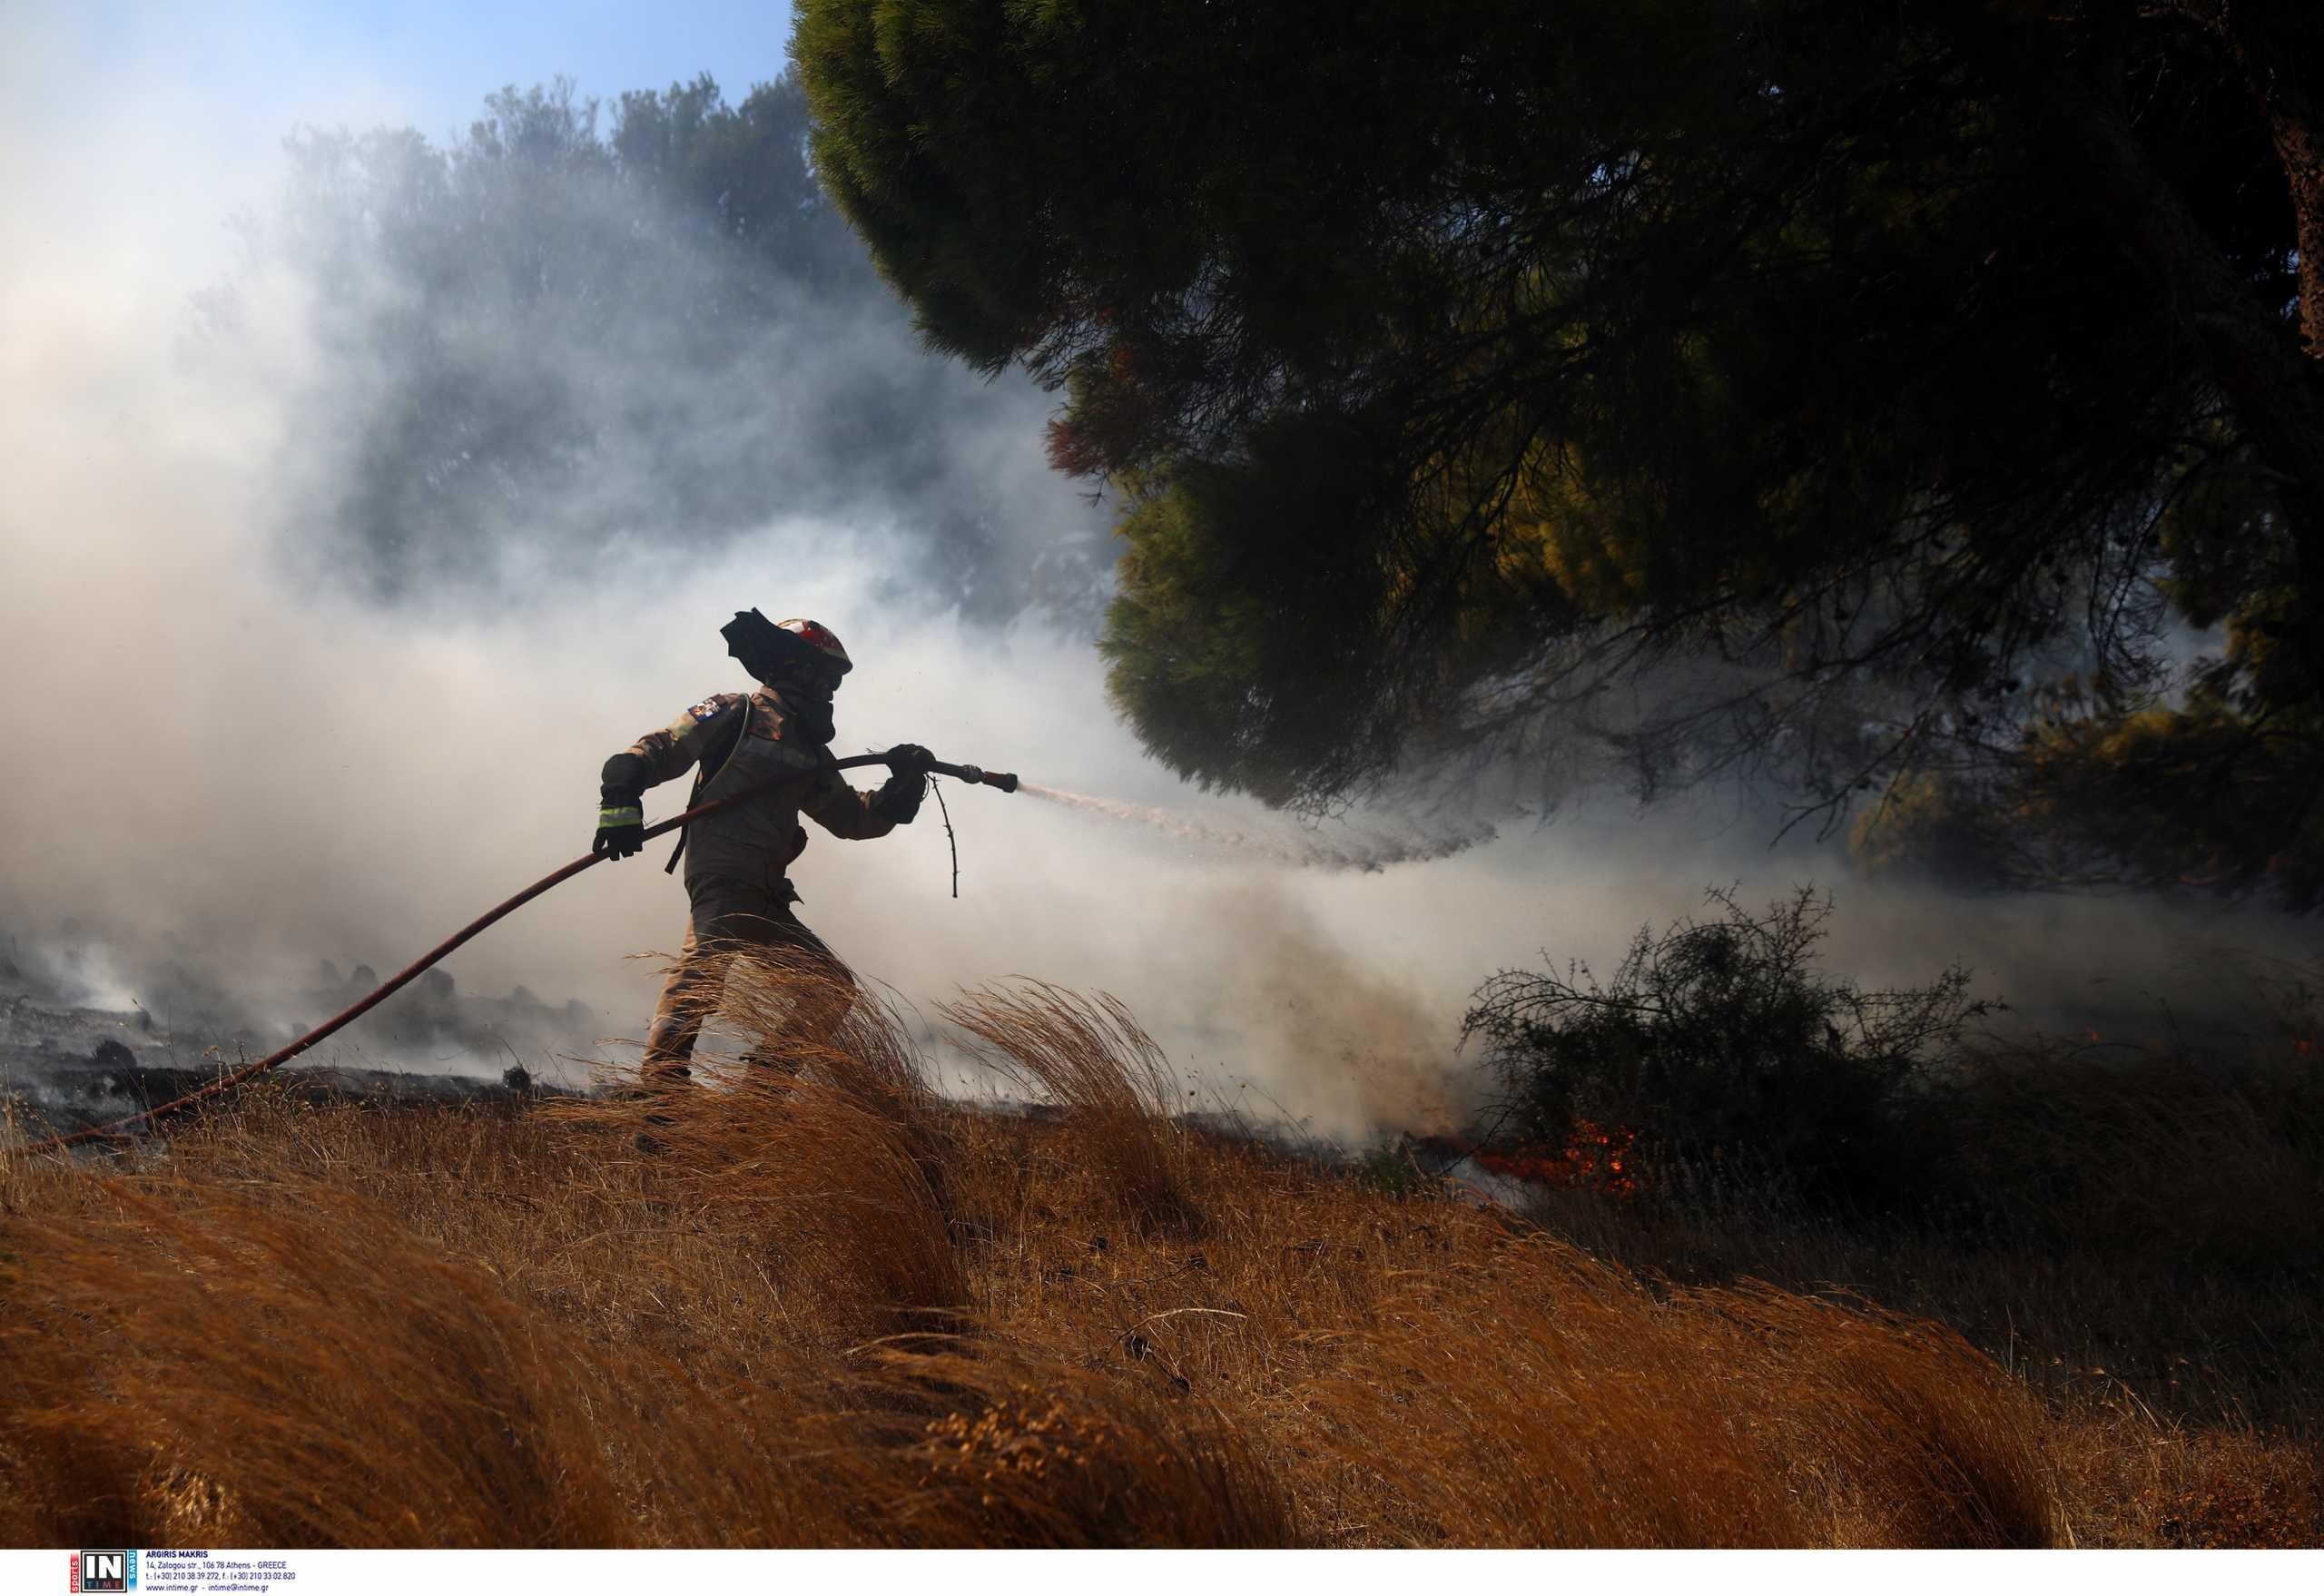 Φωτιά στην Κερατέα: Απεγκλωβίστηκε ηλικιωμένη – Εκκενώθηκαν 4 οικισμοί